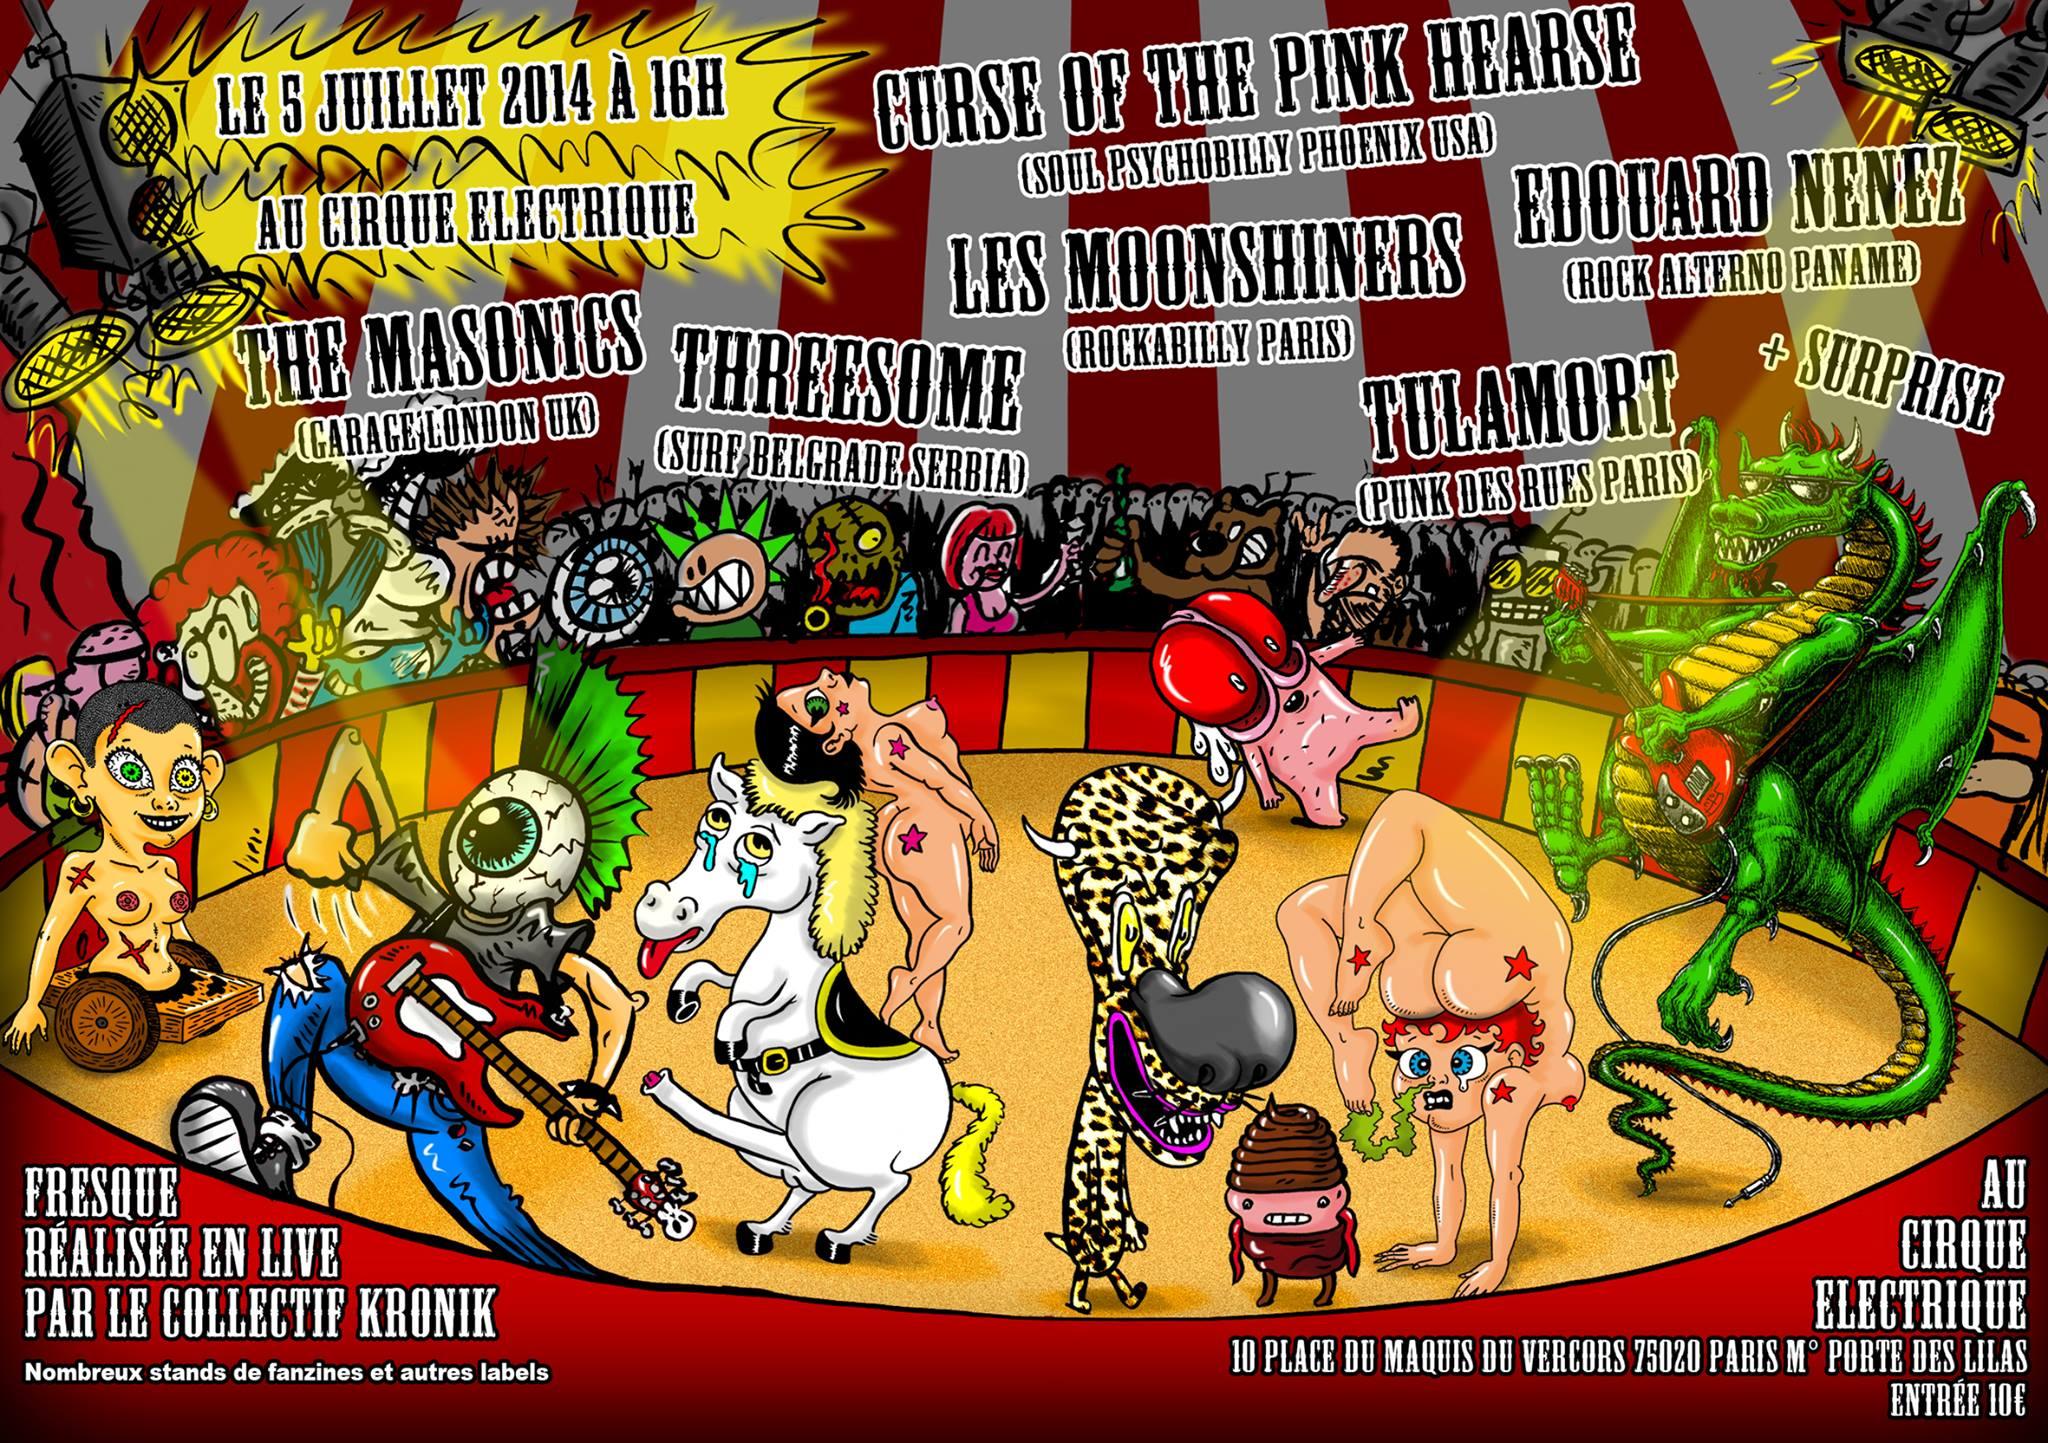 """5 juillet 2014 Curse Of The Peace, The Masonics, Threesome, les Moonshiners, Edouard Nenez, Tulamort à Paris """"Cirque Electrique"""""""